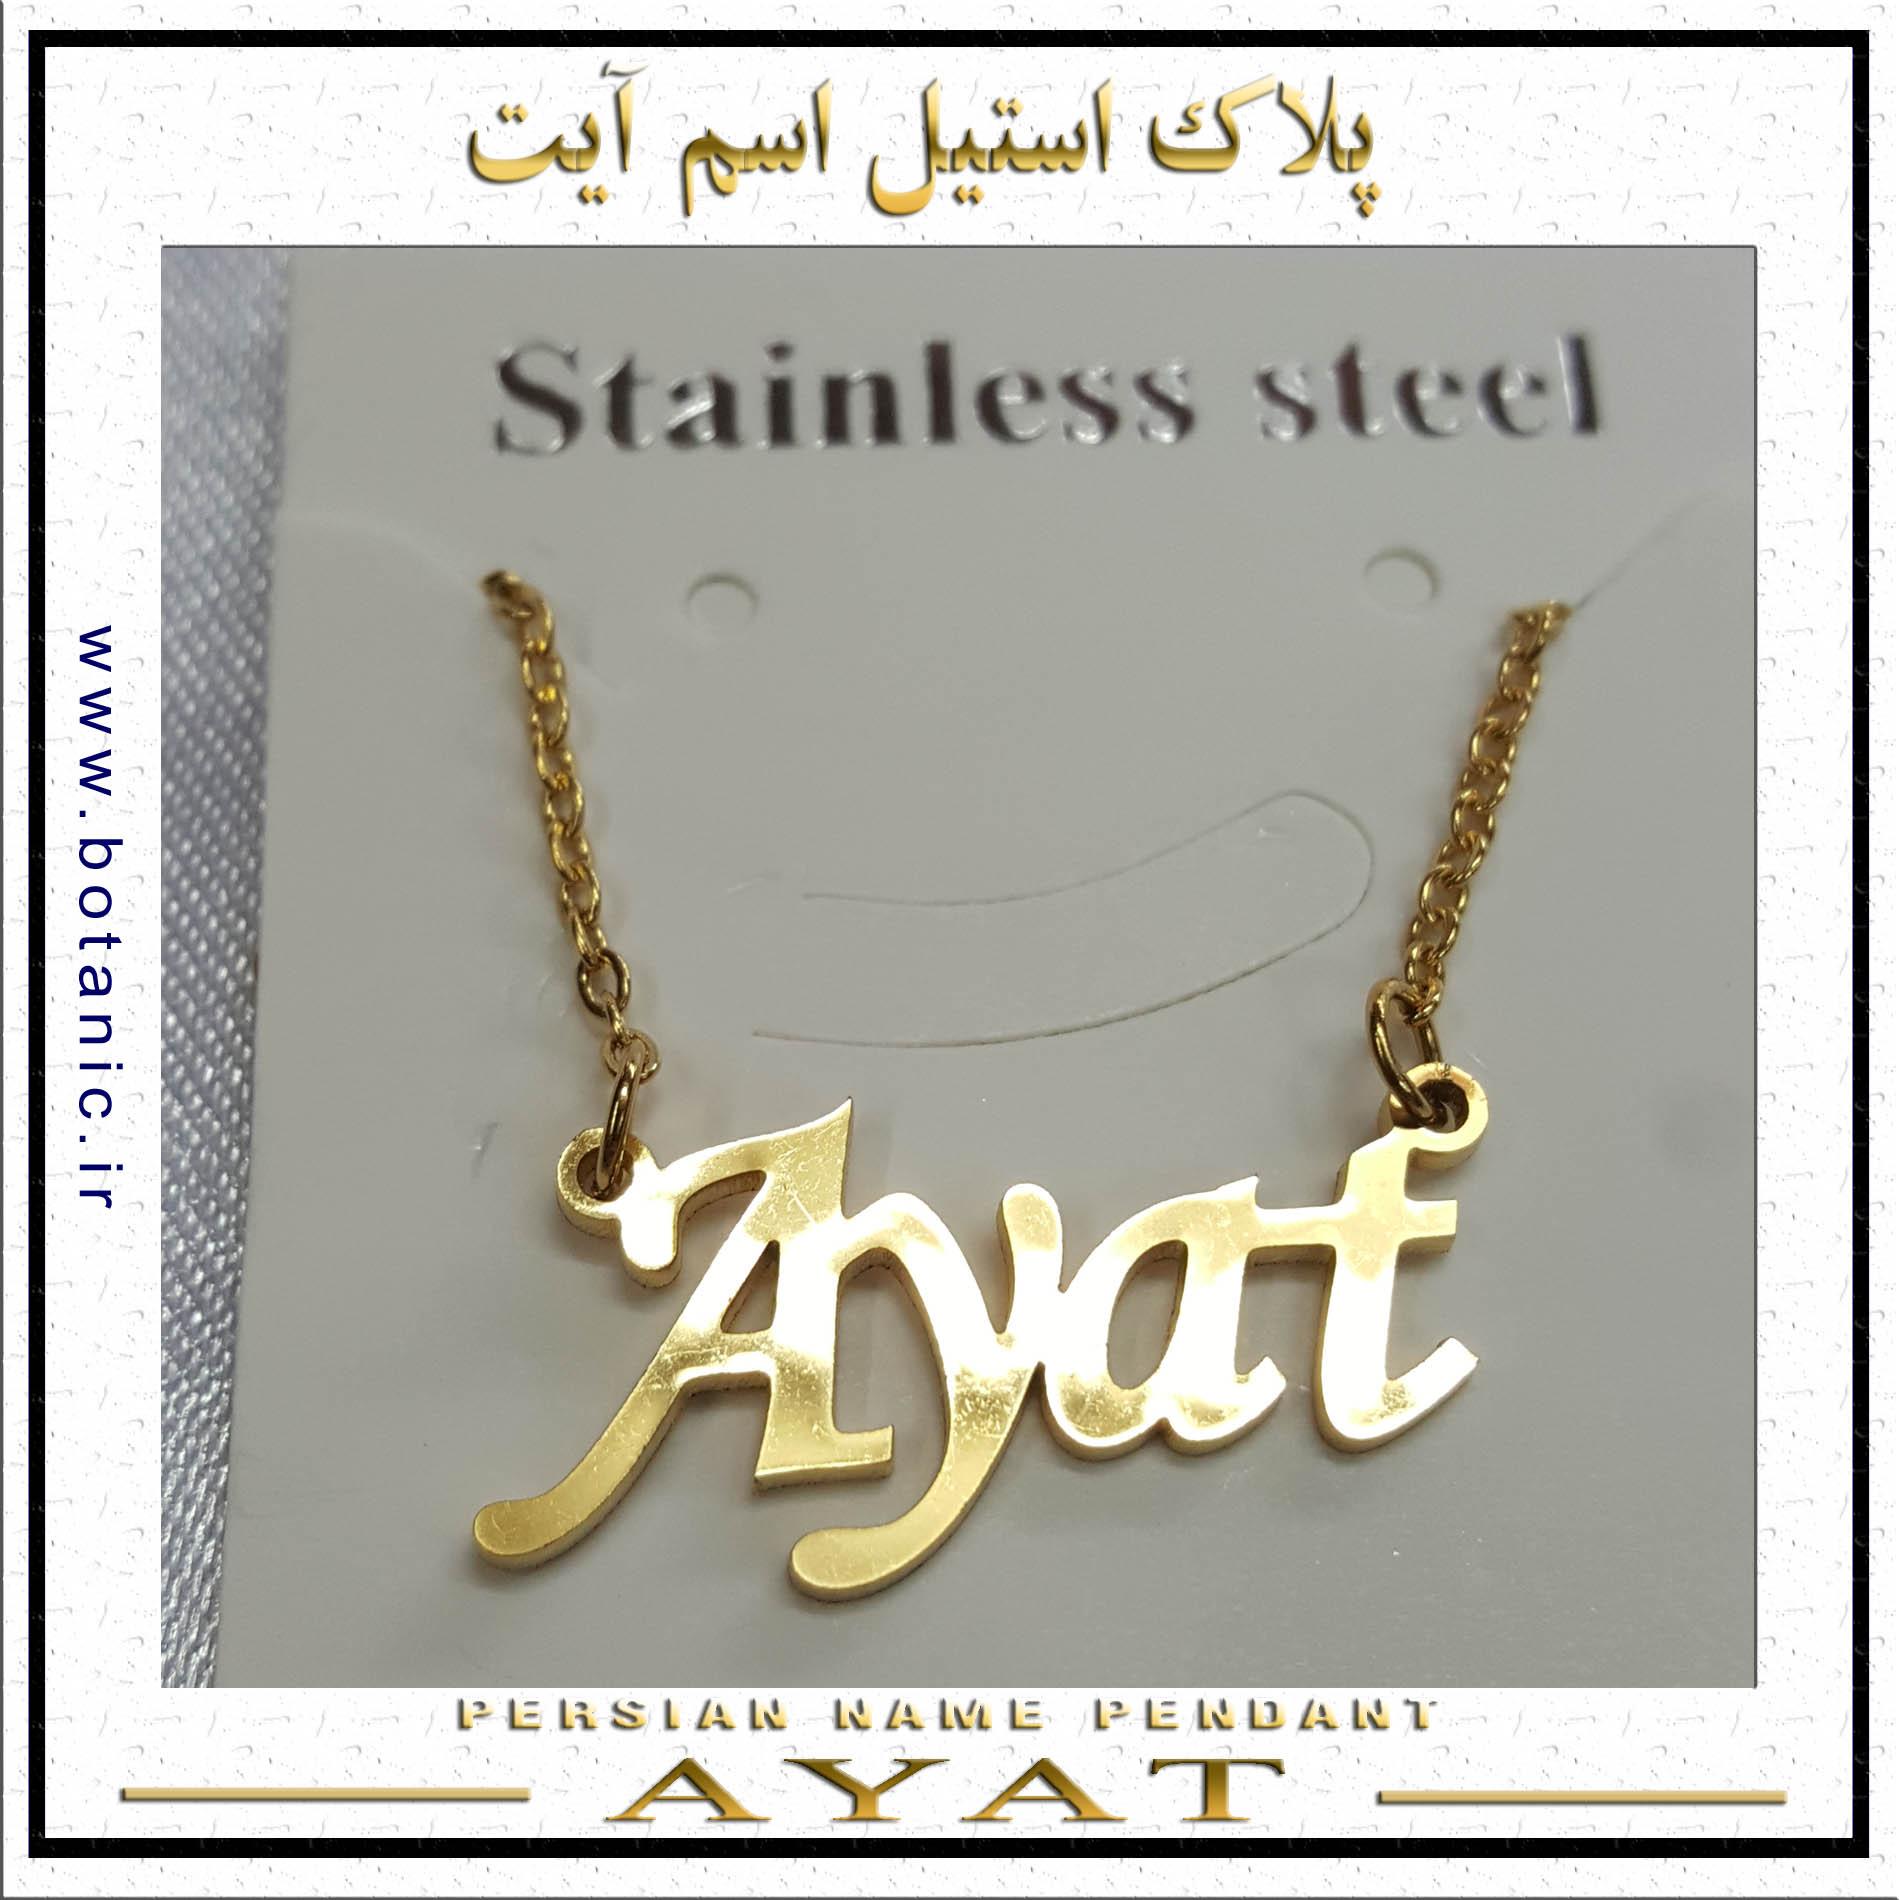 Iranian Name Pendant Ayat